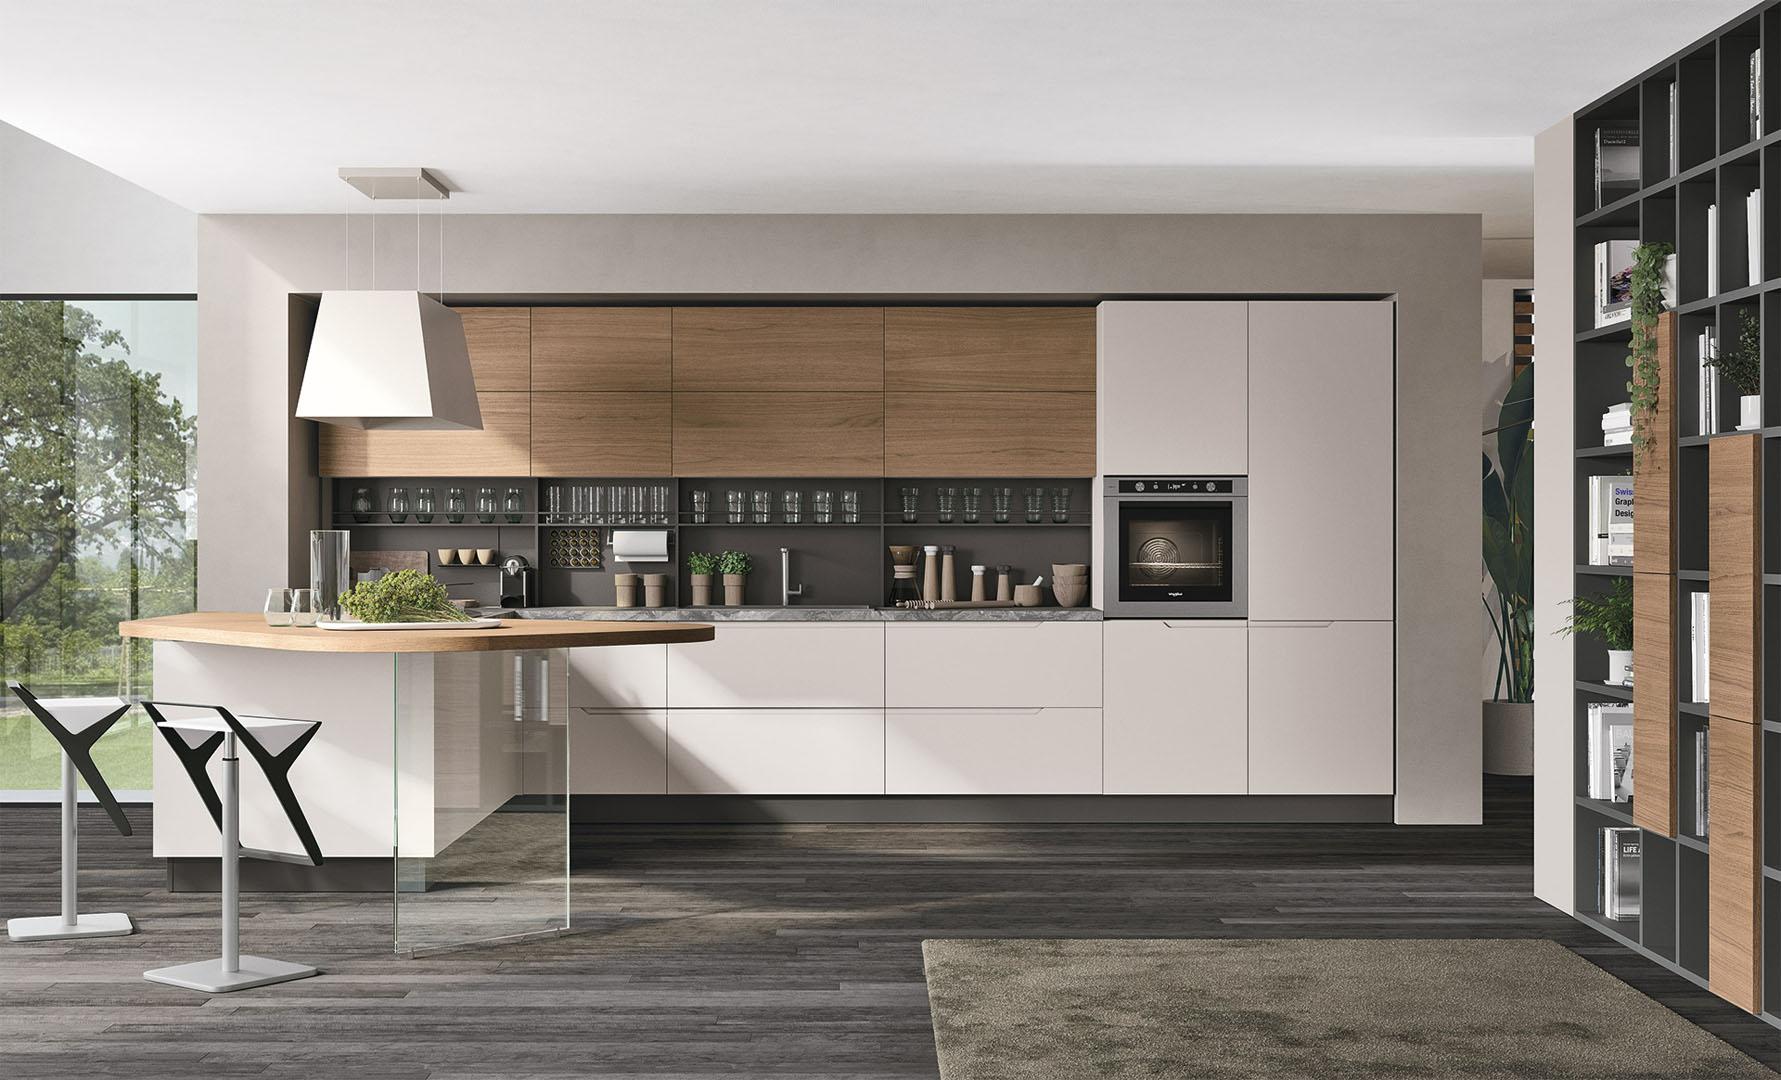 Quanto Costa Una Cucina Lube Moderna.Luna Cucine Moderne Cucine Lube